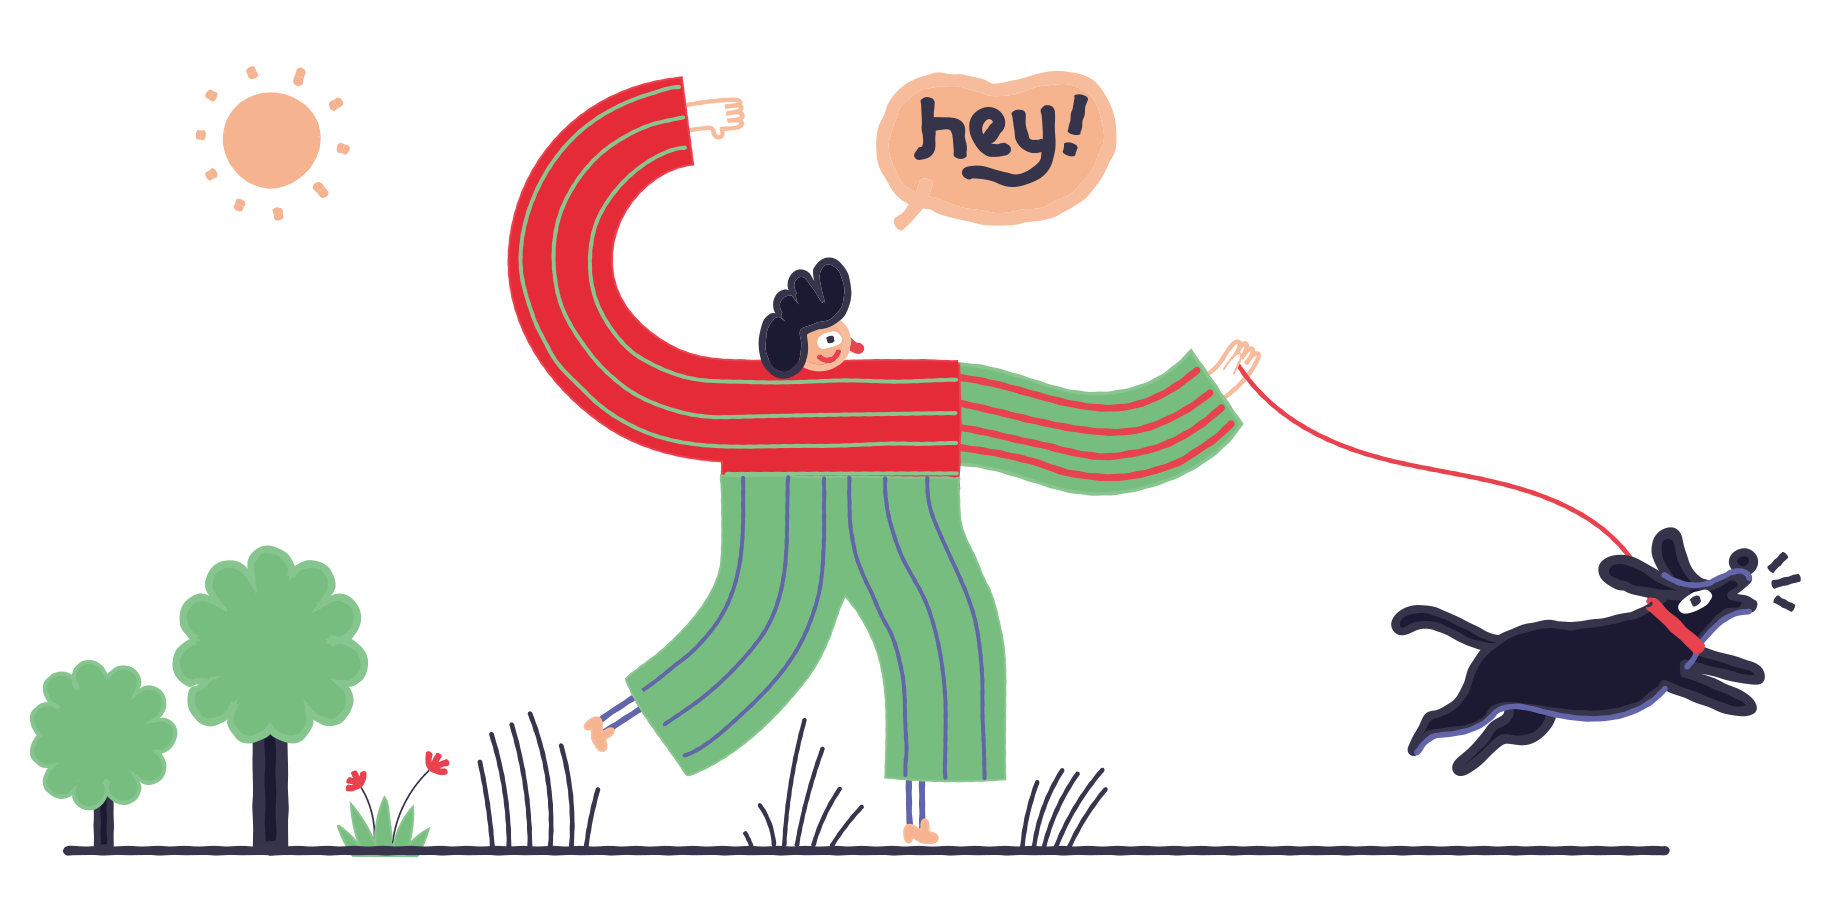 Walk Clipart illustration in PNG, SVG